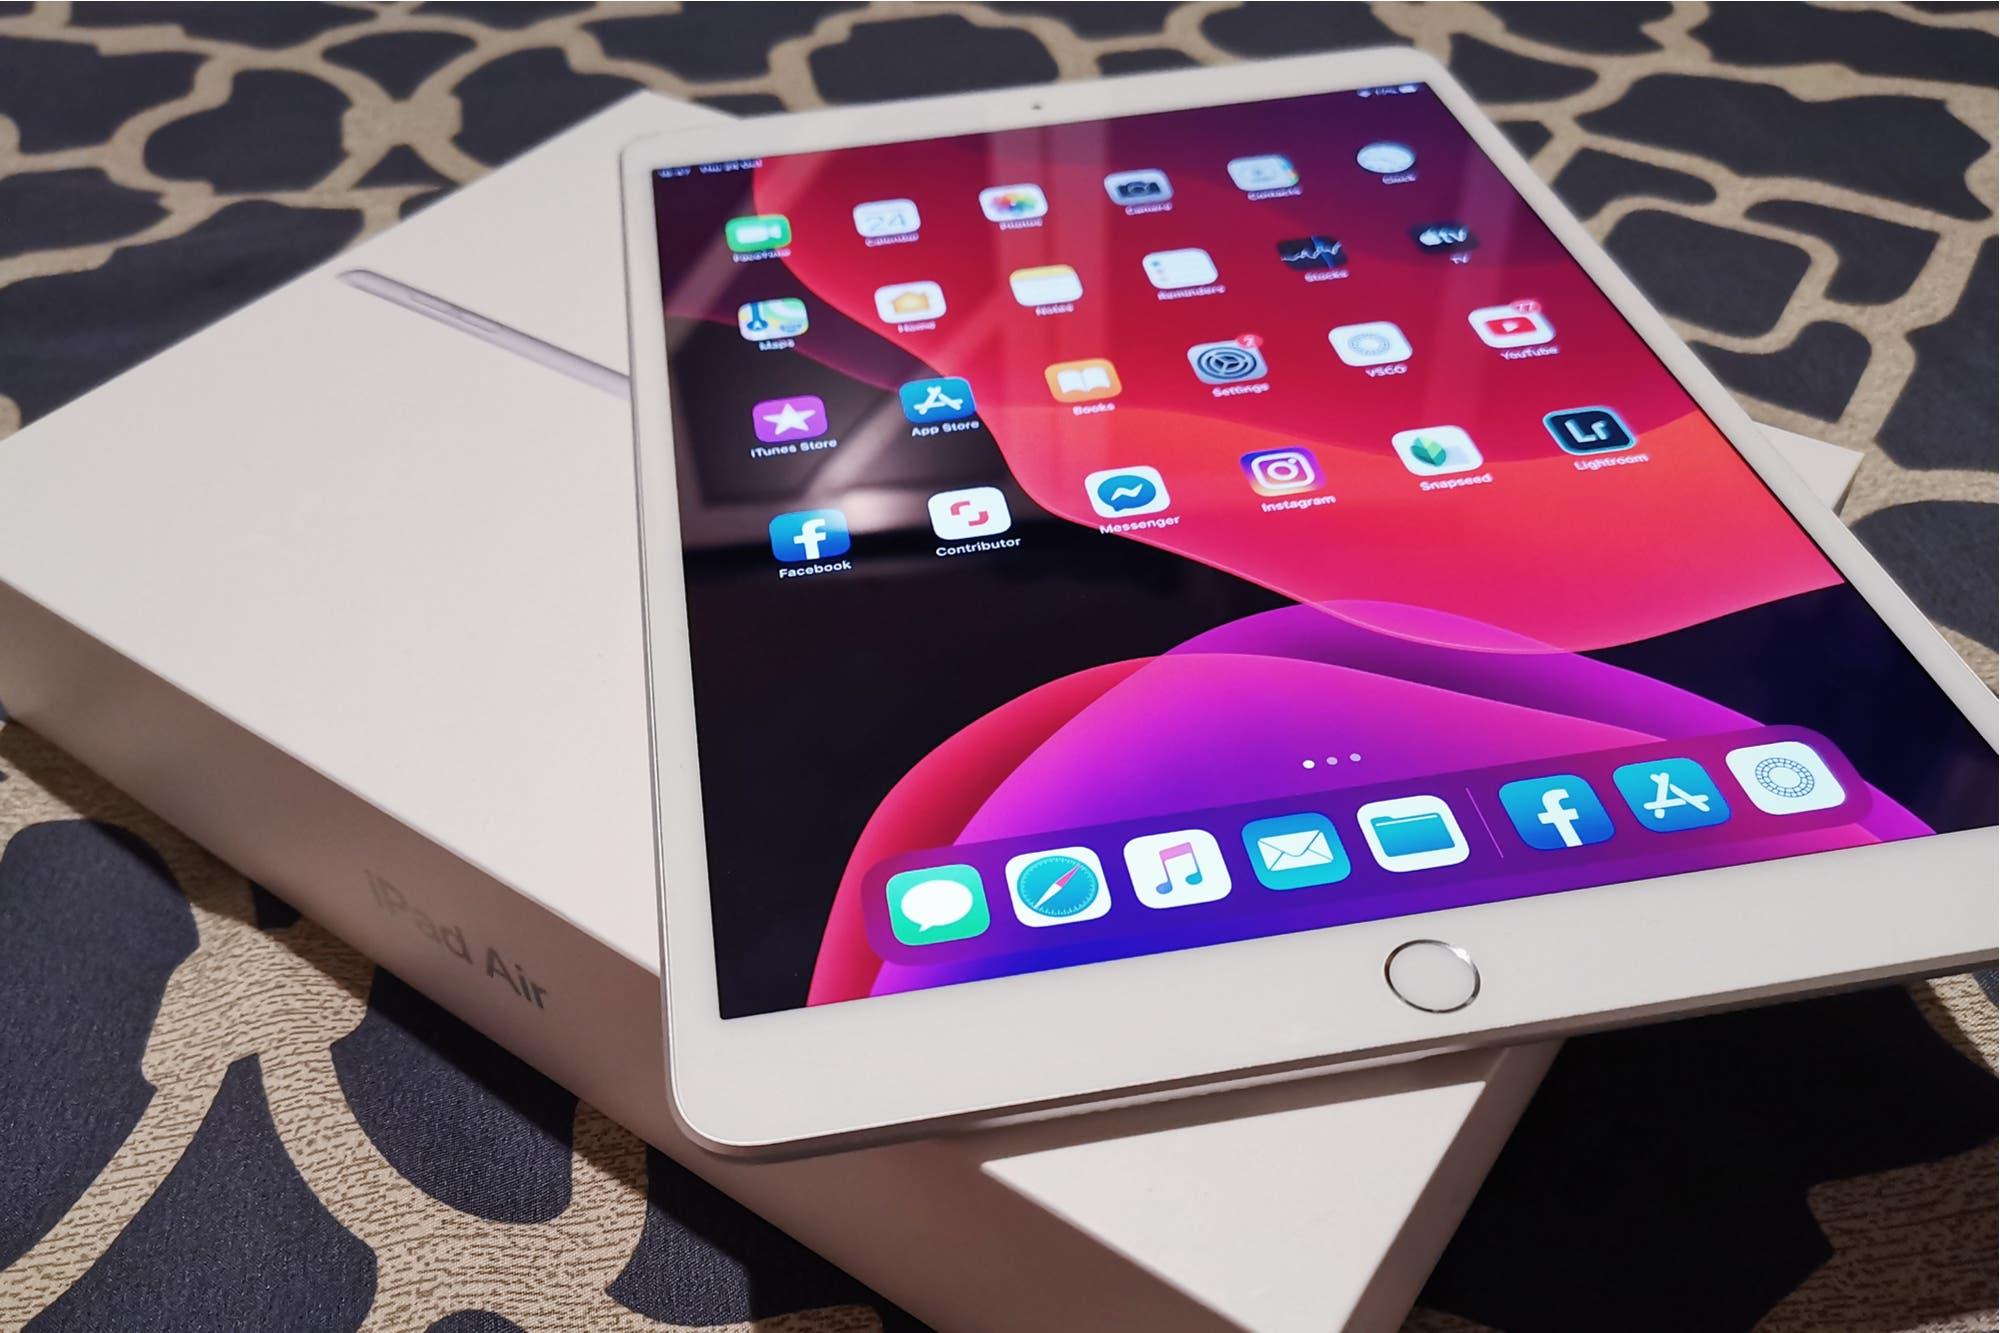 Apple reparará gratis los iPad Air de 2019 afectados por un fallo permanente de pantalla